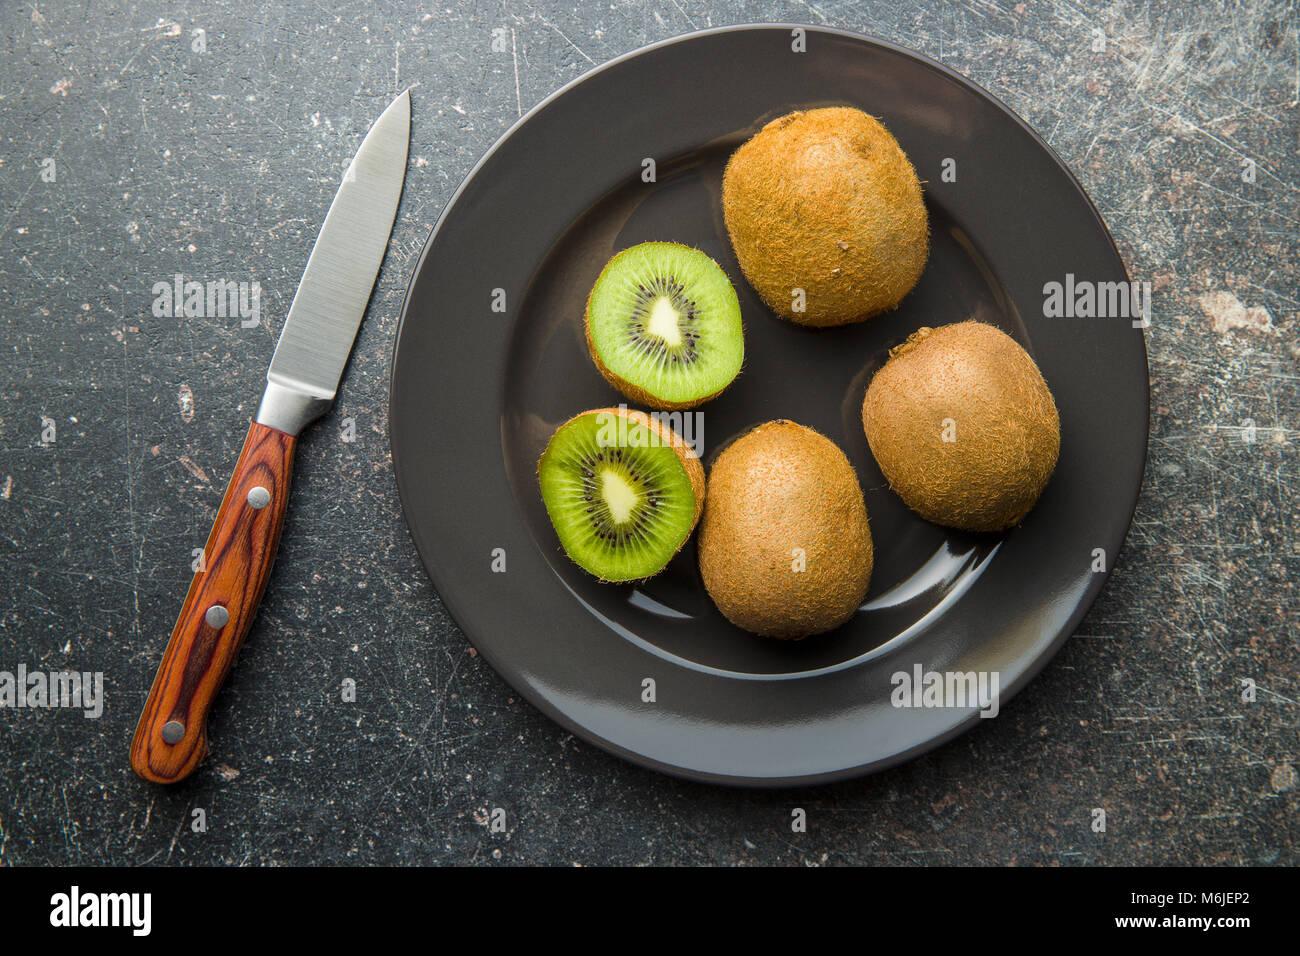 Dimezzato i kiwi sulla piastra. Immagini Stock